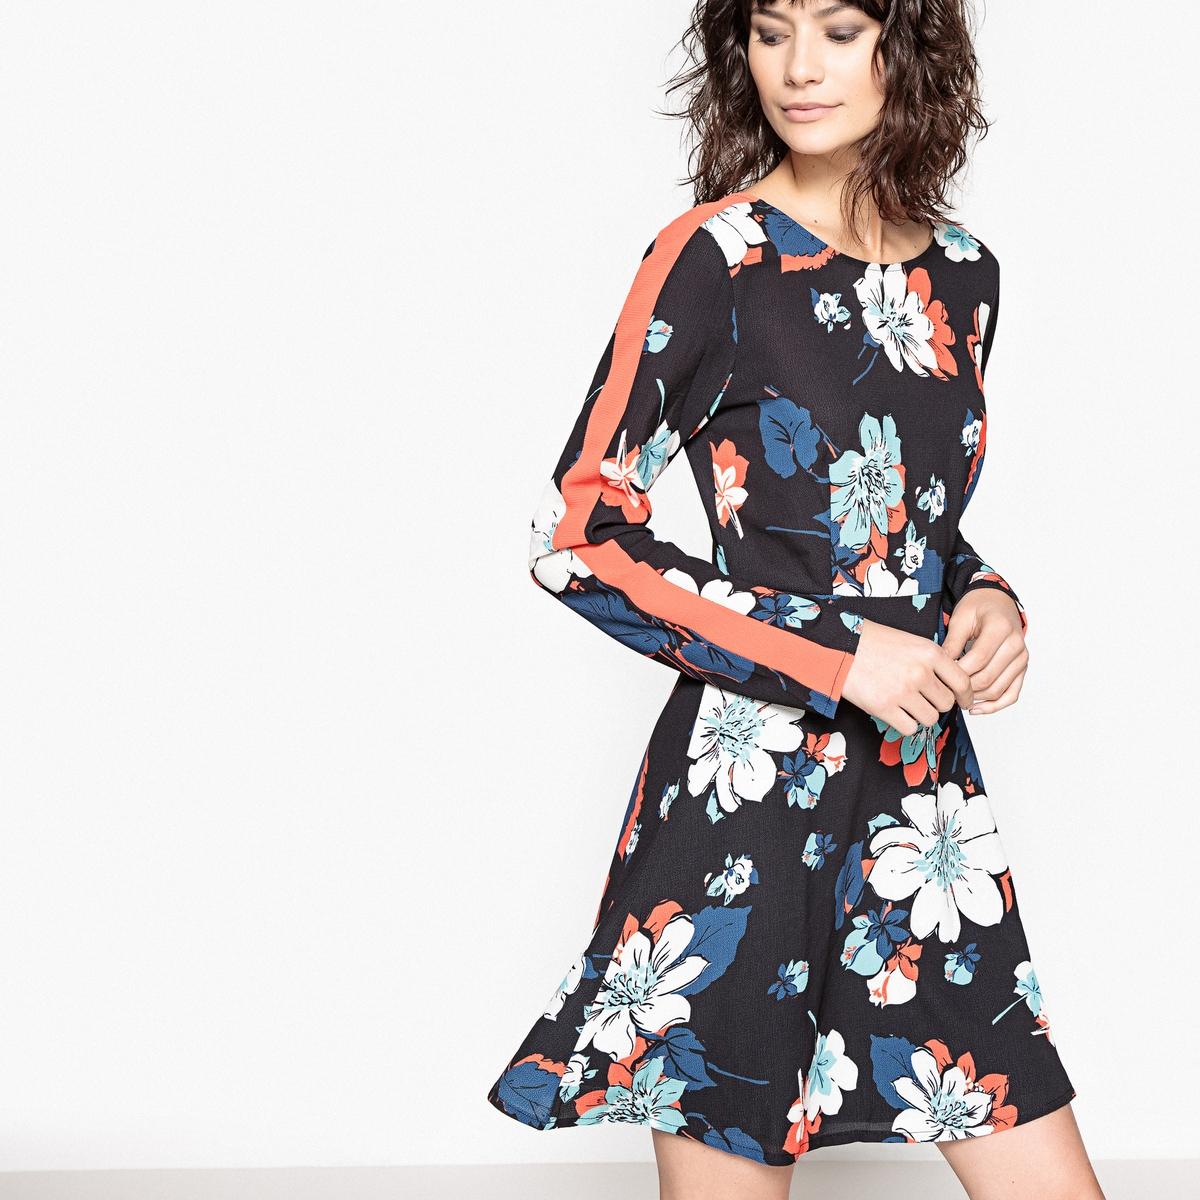 Платье расклешенное с цветочным принтом и V-образным вырезом сзадиДетали •  Форма : прямая •  Укороченная модель •  Длинные рукава    •  Круглый вырез •  Рисунок-принтСостав и уход •  2% эластана, 98% полиэстера  •  Подкладка : 100% полиэстер •  Температура стирки 30° •  Сухая чистка и отбеливание запрещены •  Не использовать барабанную сушку •  Низкая температура глажки •  Длина  : 90 см<br><br>Цвет: рисунок/фон черный<br>Размер: 44 (FR) - 50 (RUS).42 (FR) - 48 (RUS).38 (FR) - 44 (RUS).36 (FR) - 42 (RUS).46 (FR) - 52 (RUS).40 (FR) - 46 (RUS).34 (FR) - 40 (RUS)